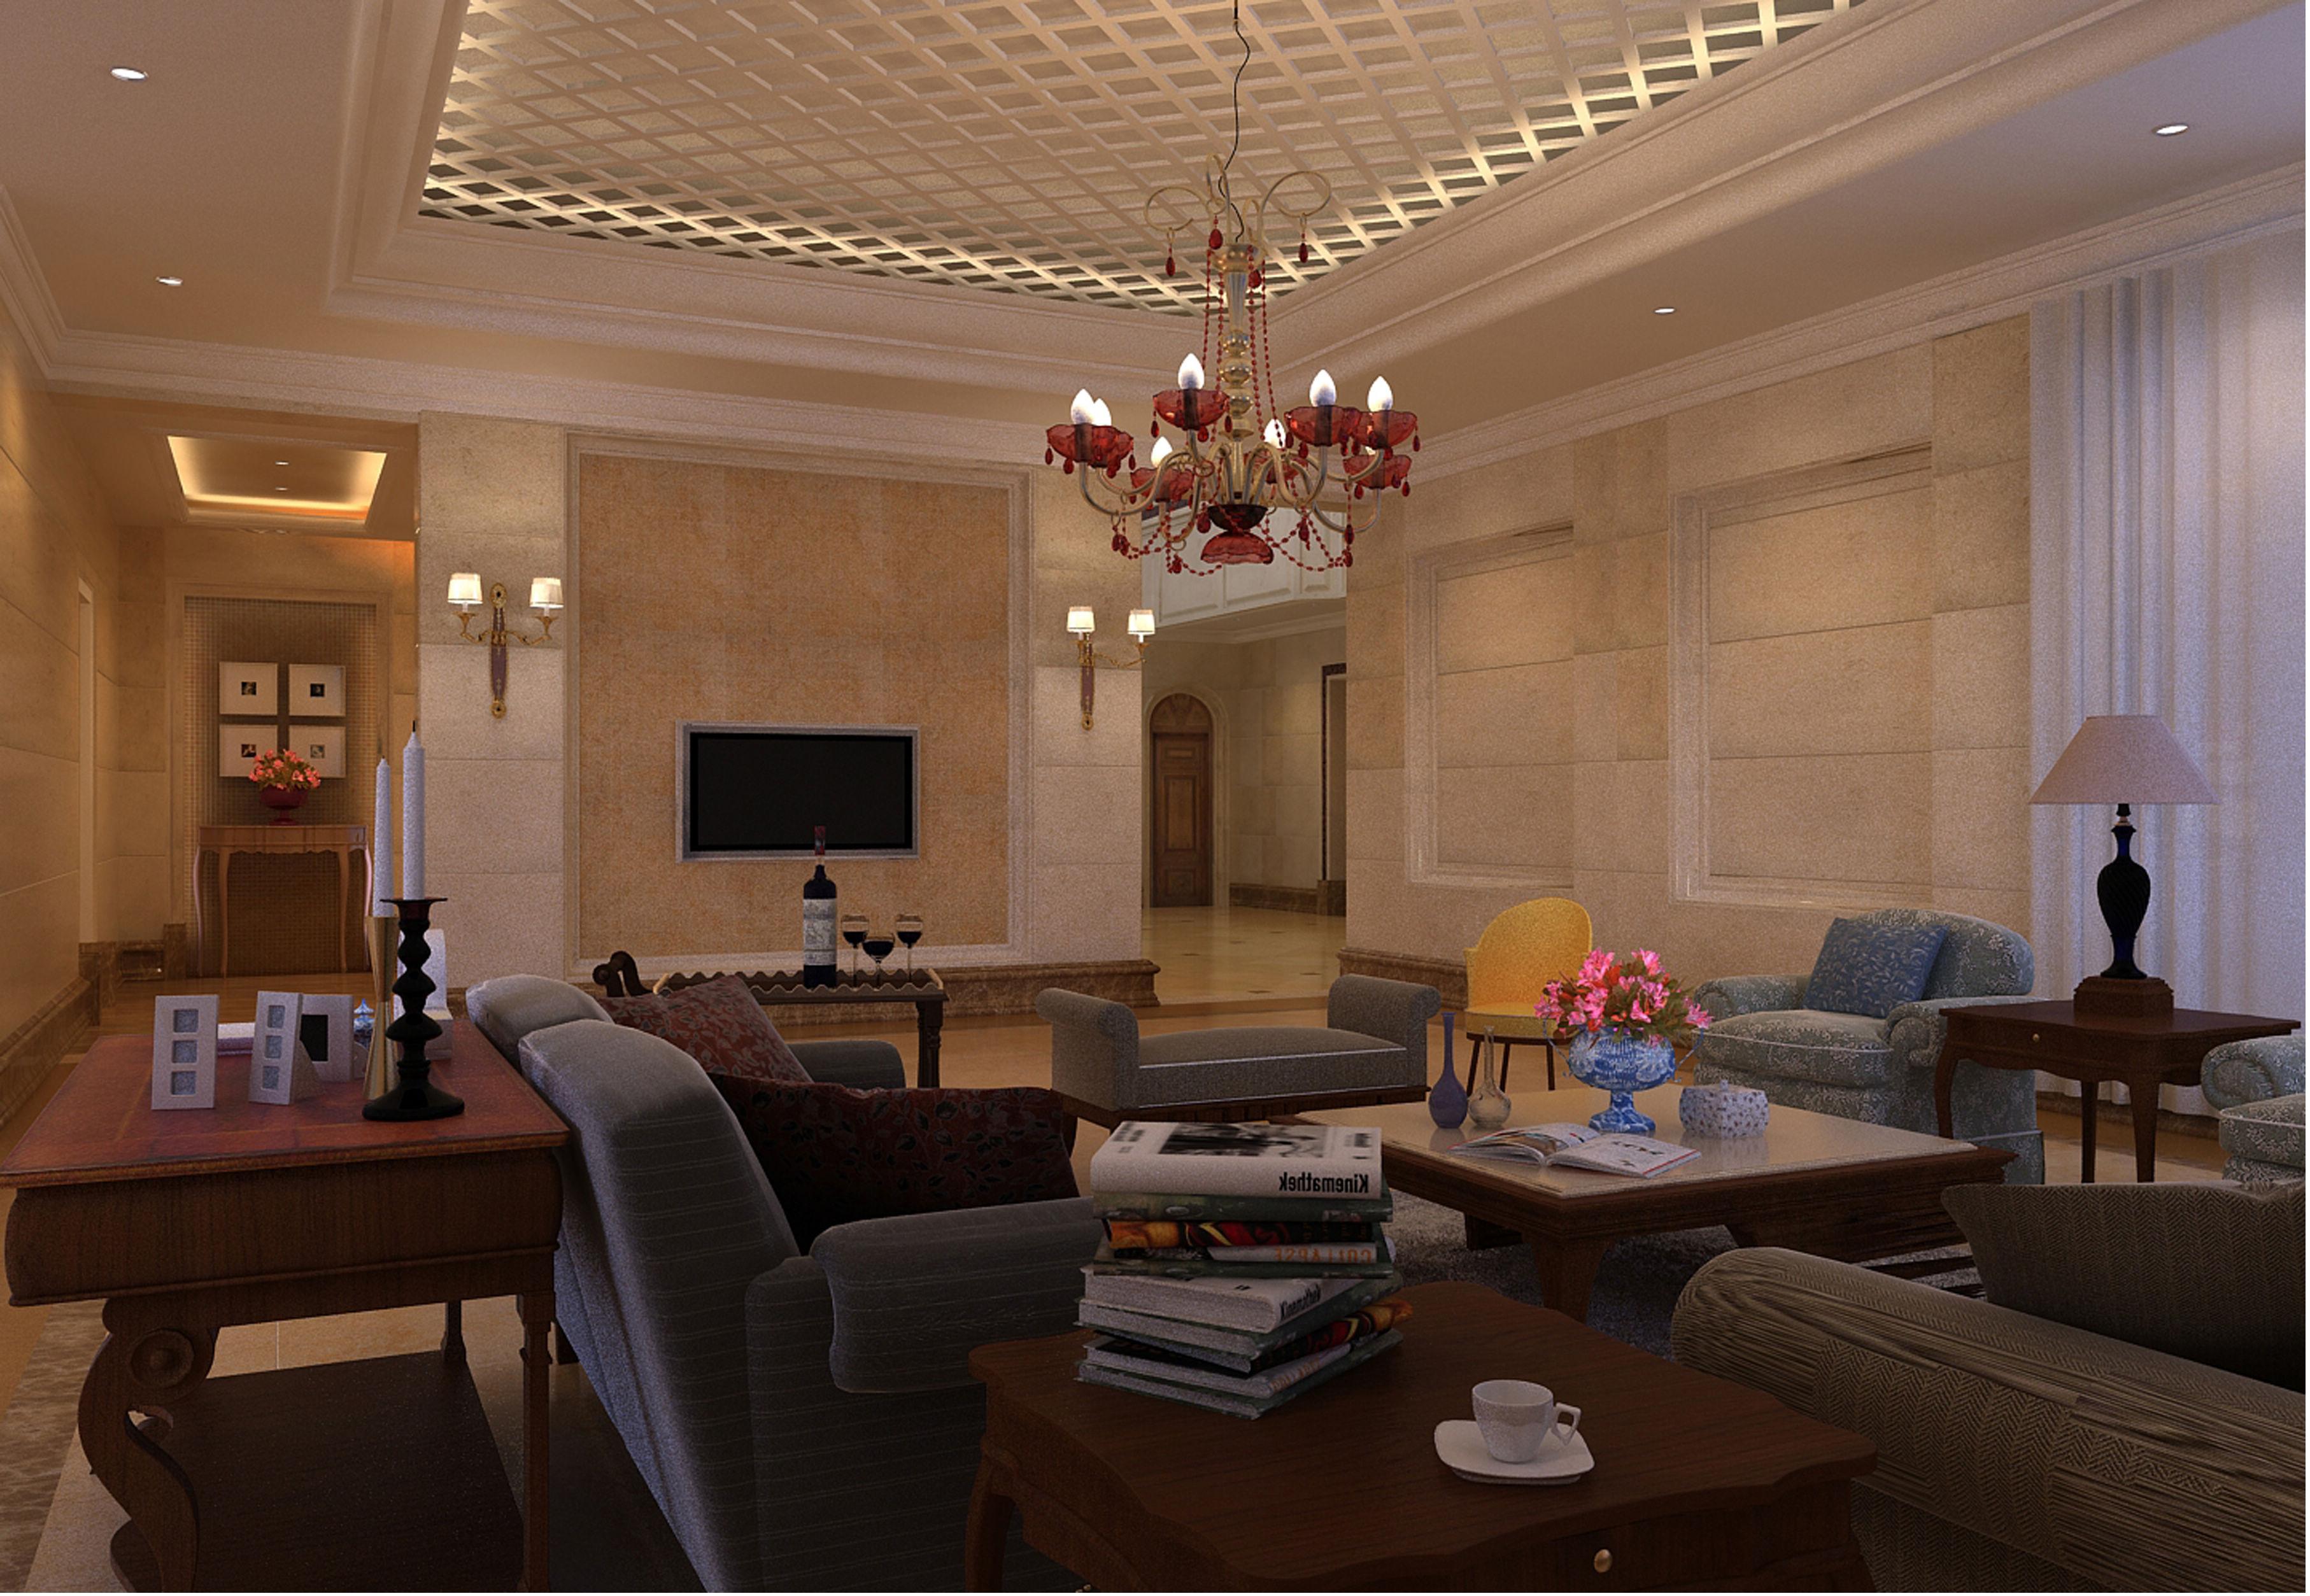 简约 欧式 客厅图片来自框框在康城花园 简欧风格别墅设计的分享